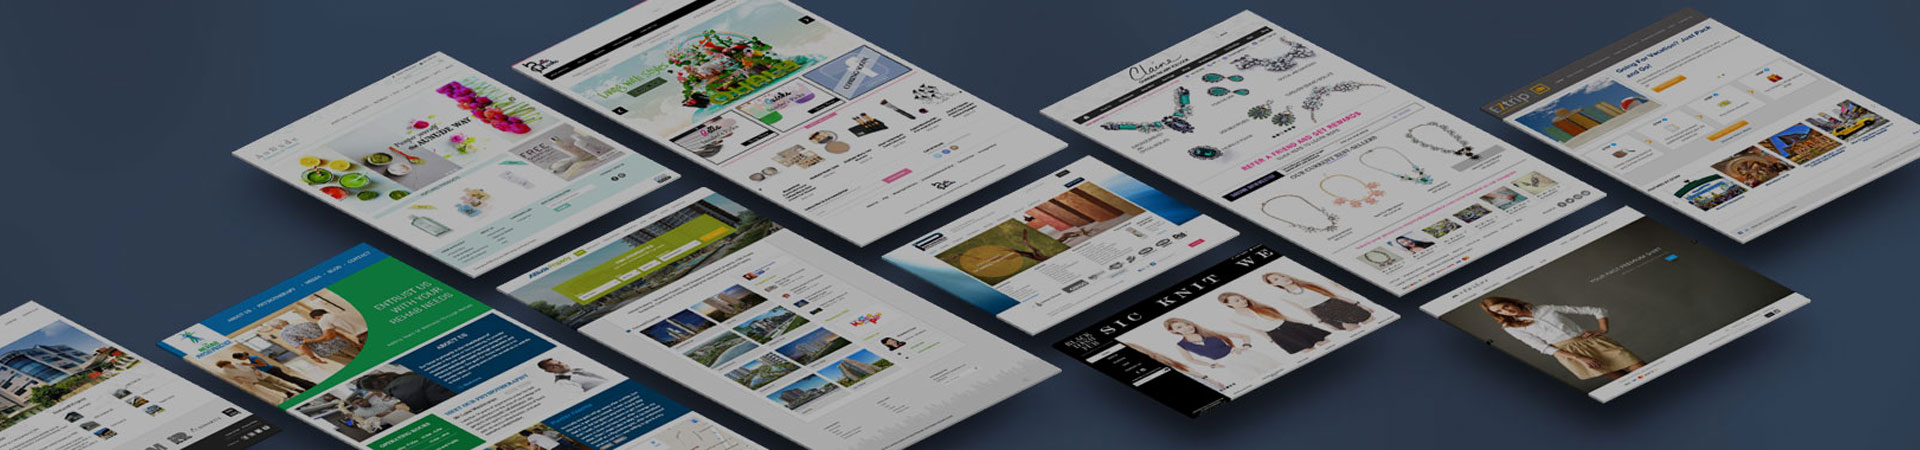 Website Design Singapore - Balik Kampung Spa